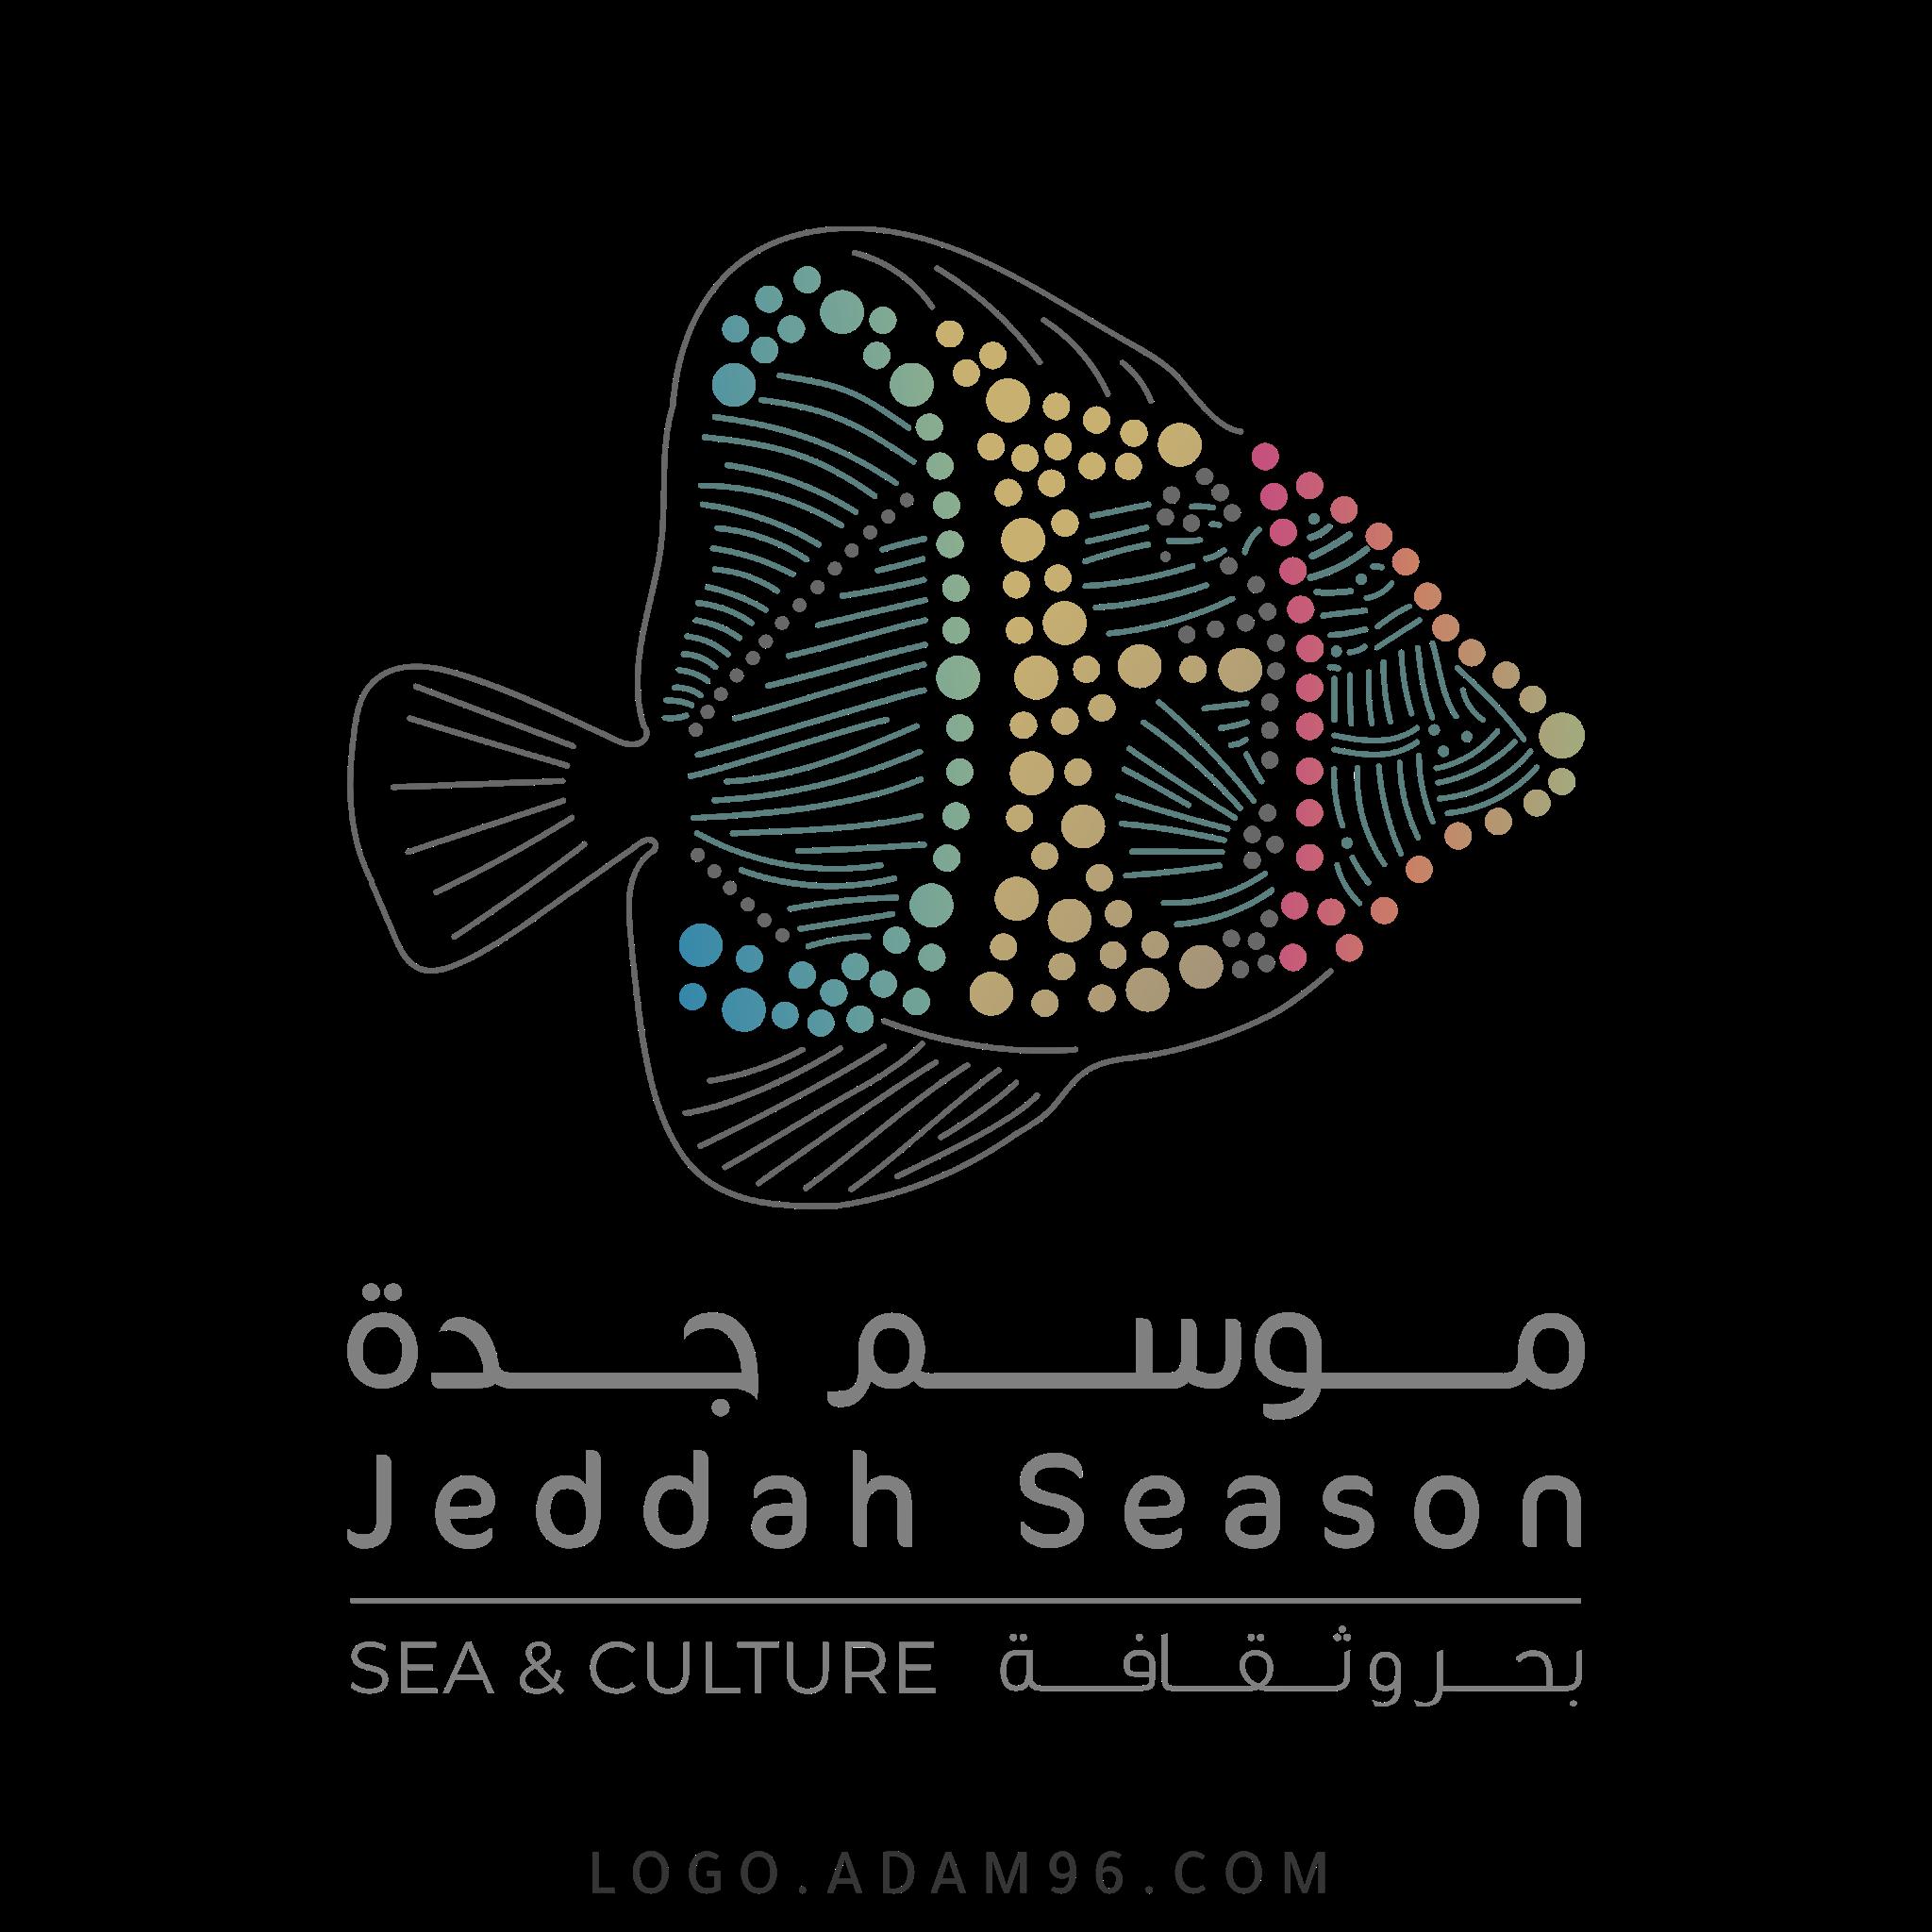 تحميل شعار موسم جدة لوجو رسمي عالي الجودة بصيغة PNG